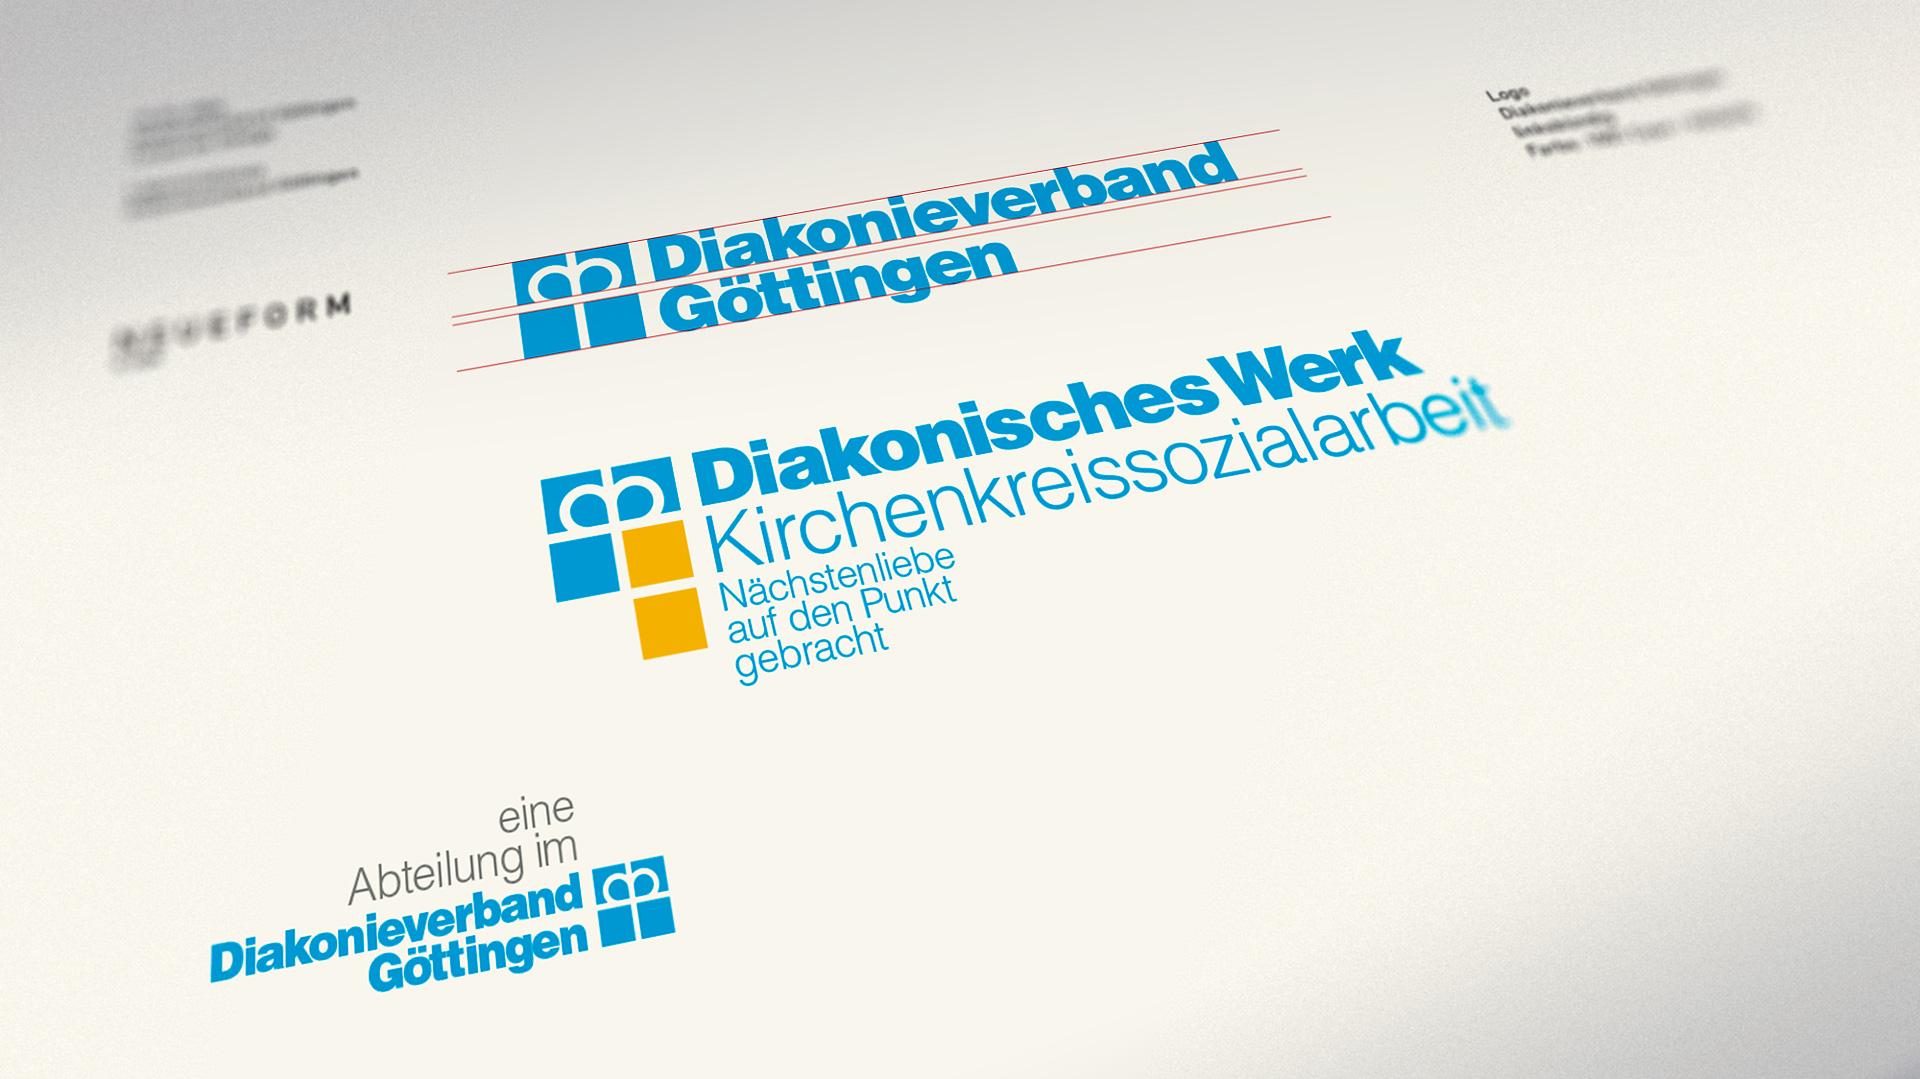 Diakonieverband Göttingen, Wort-Bildmarken-Systematik